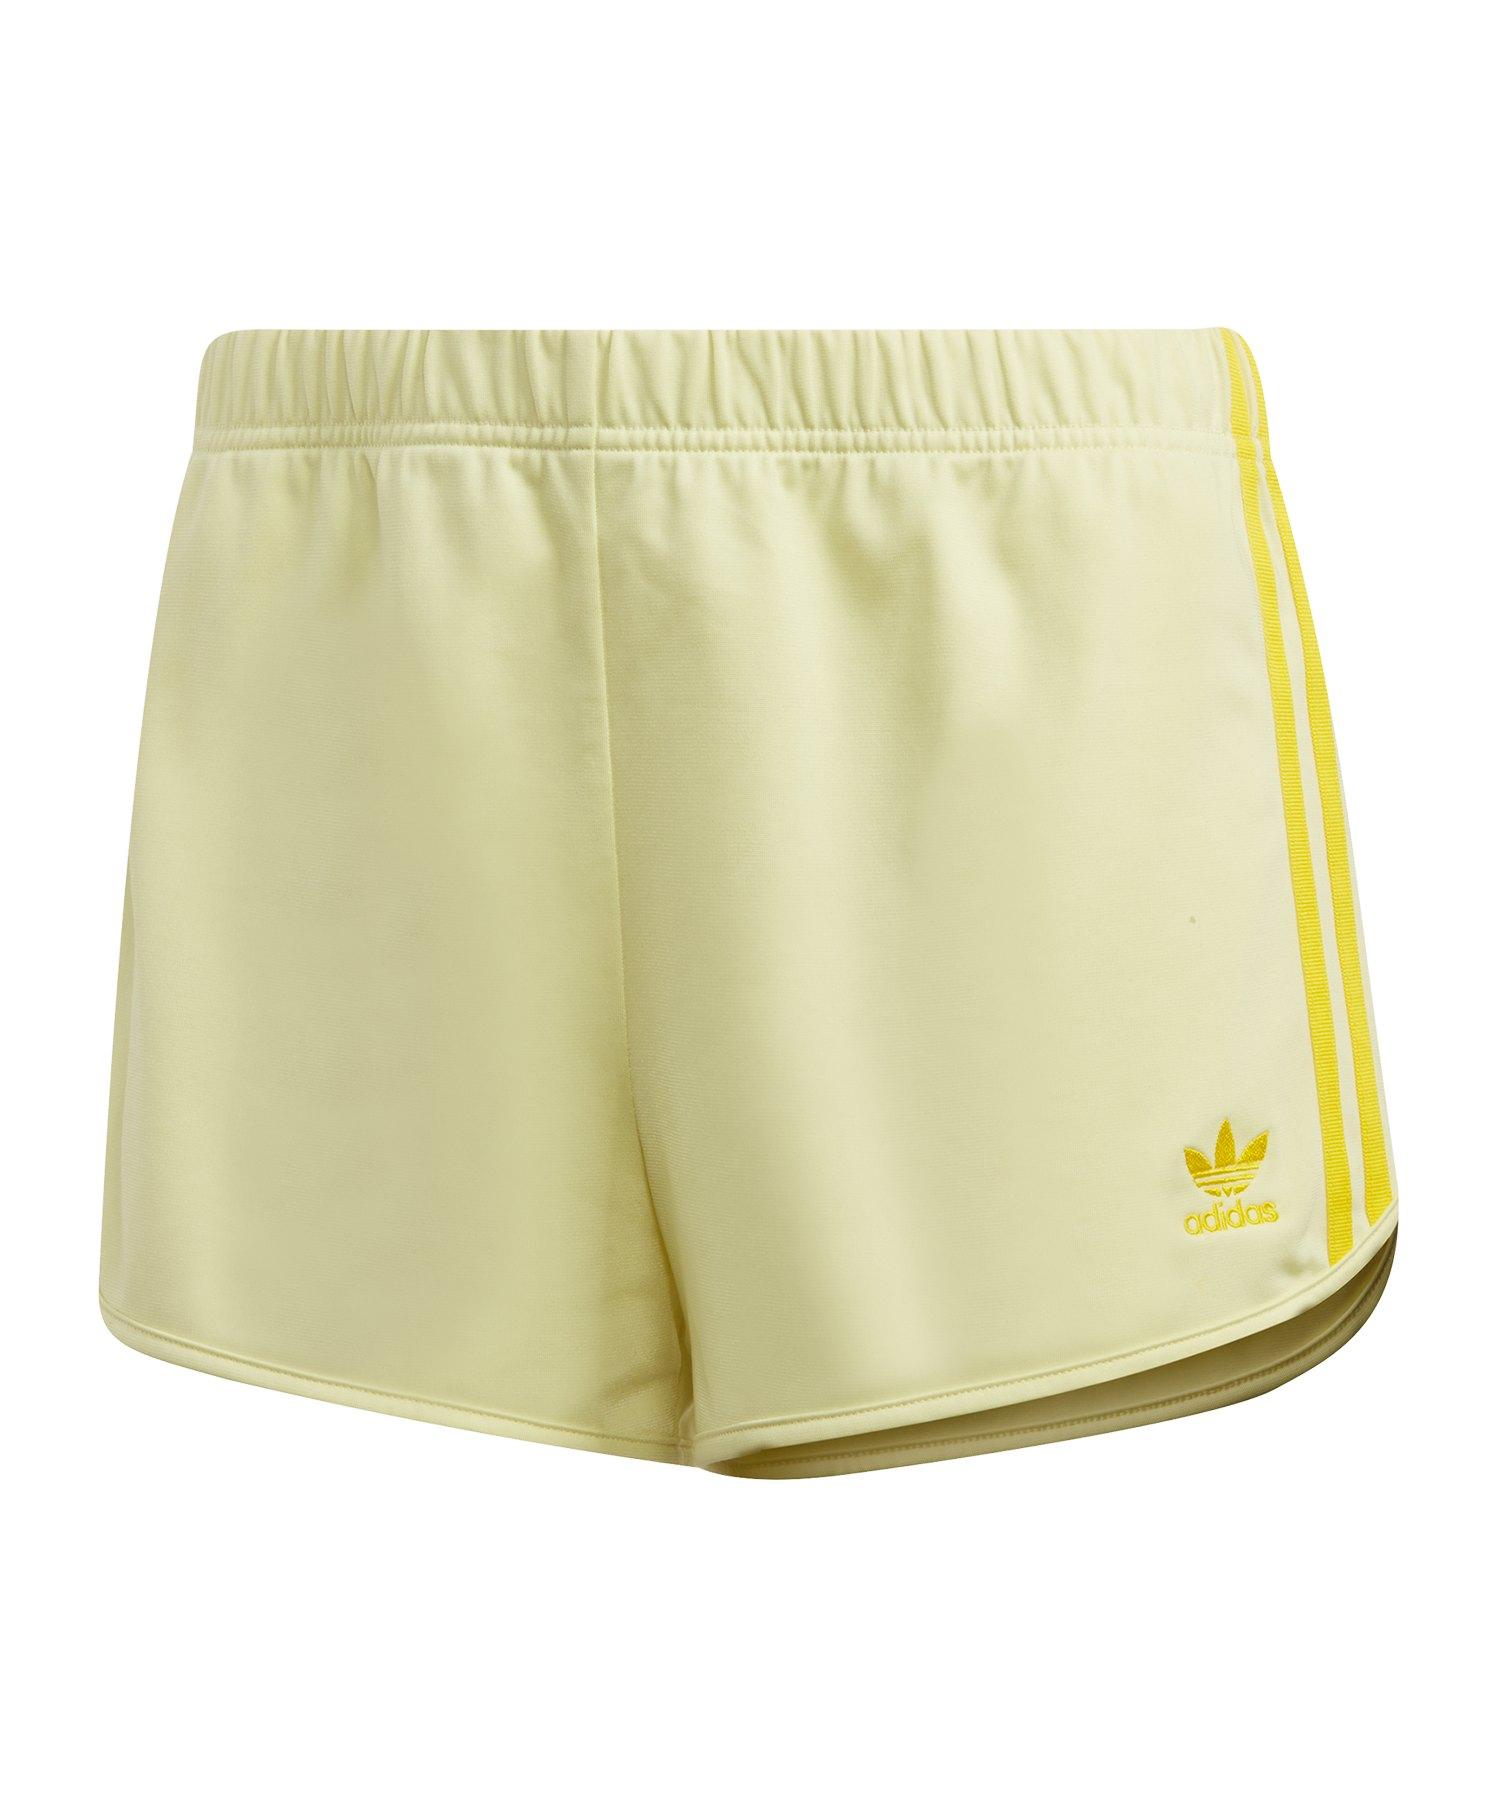 Gelb Frauen Trainingsanzüge | adidas Deutschland